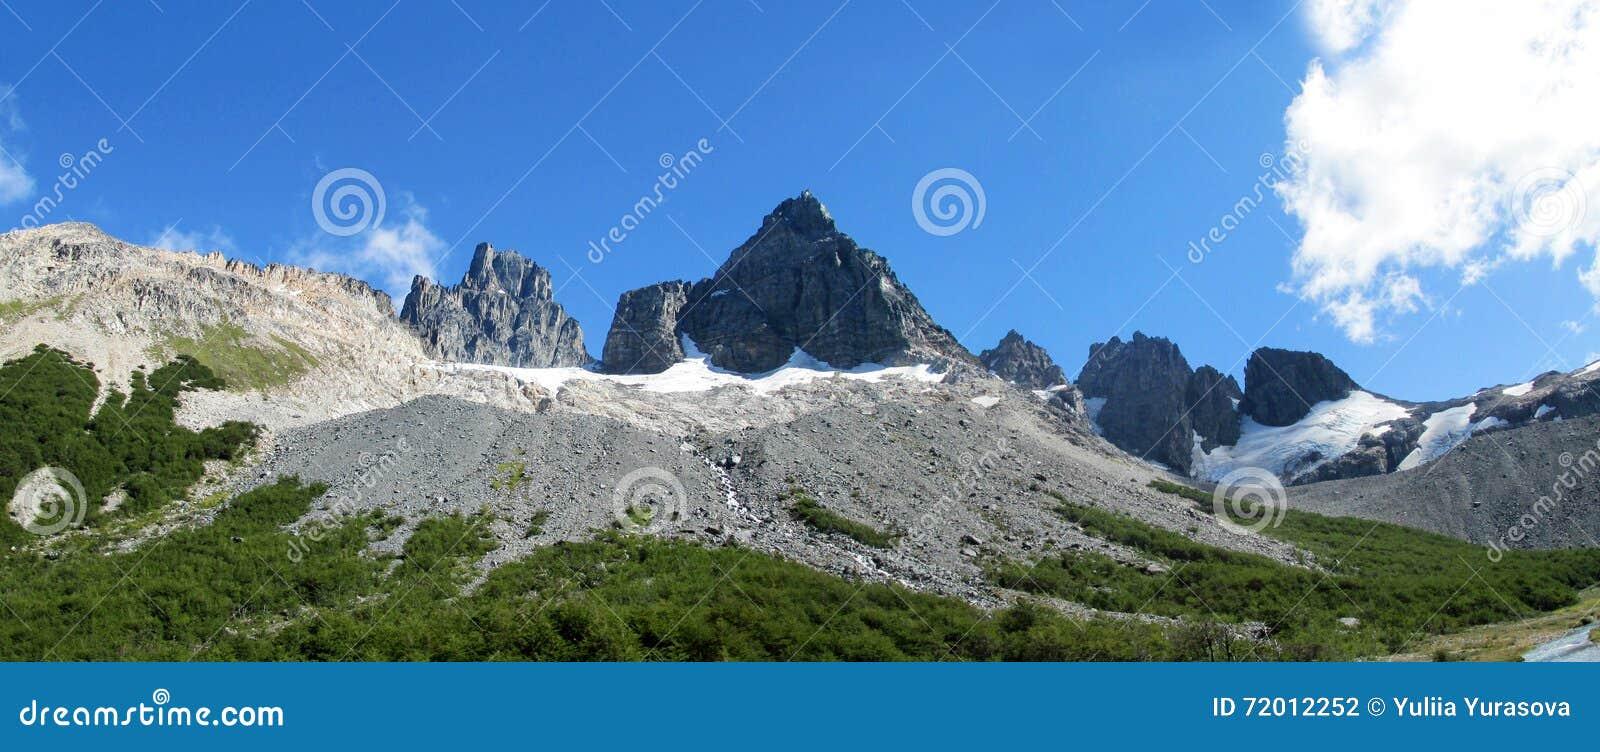 Montaña rocosa en la Patagonia de Chile a lo largo de Carretera austral